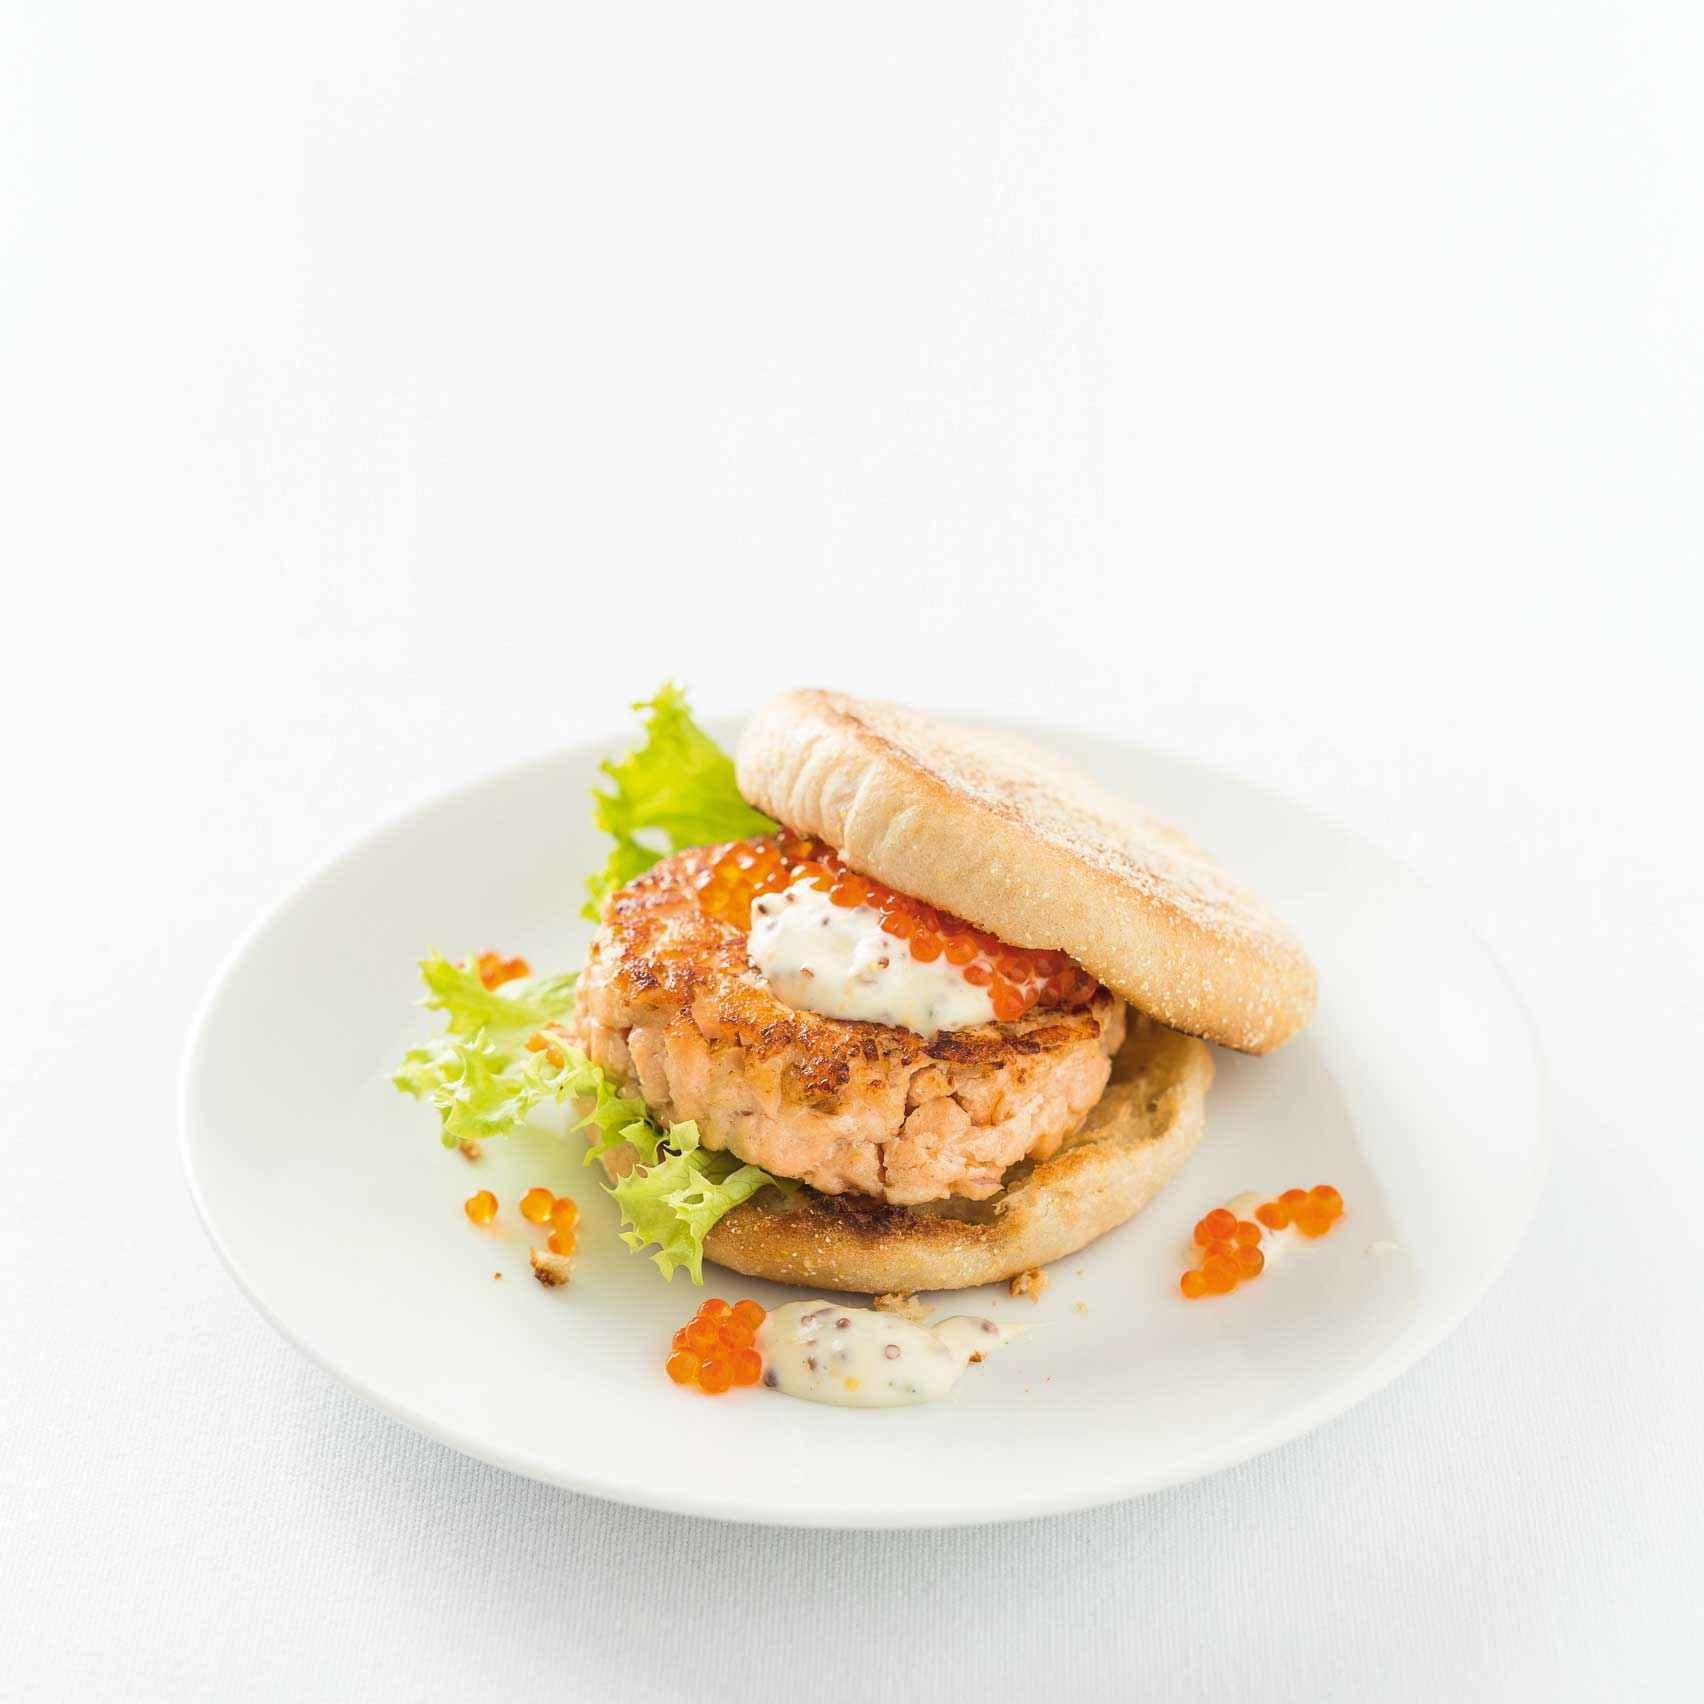 Lachs-Tatar-Burger